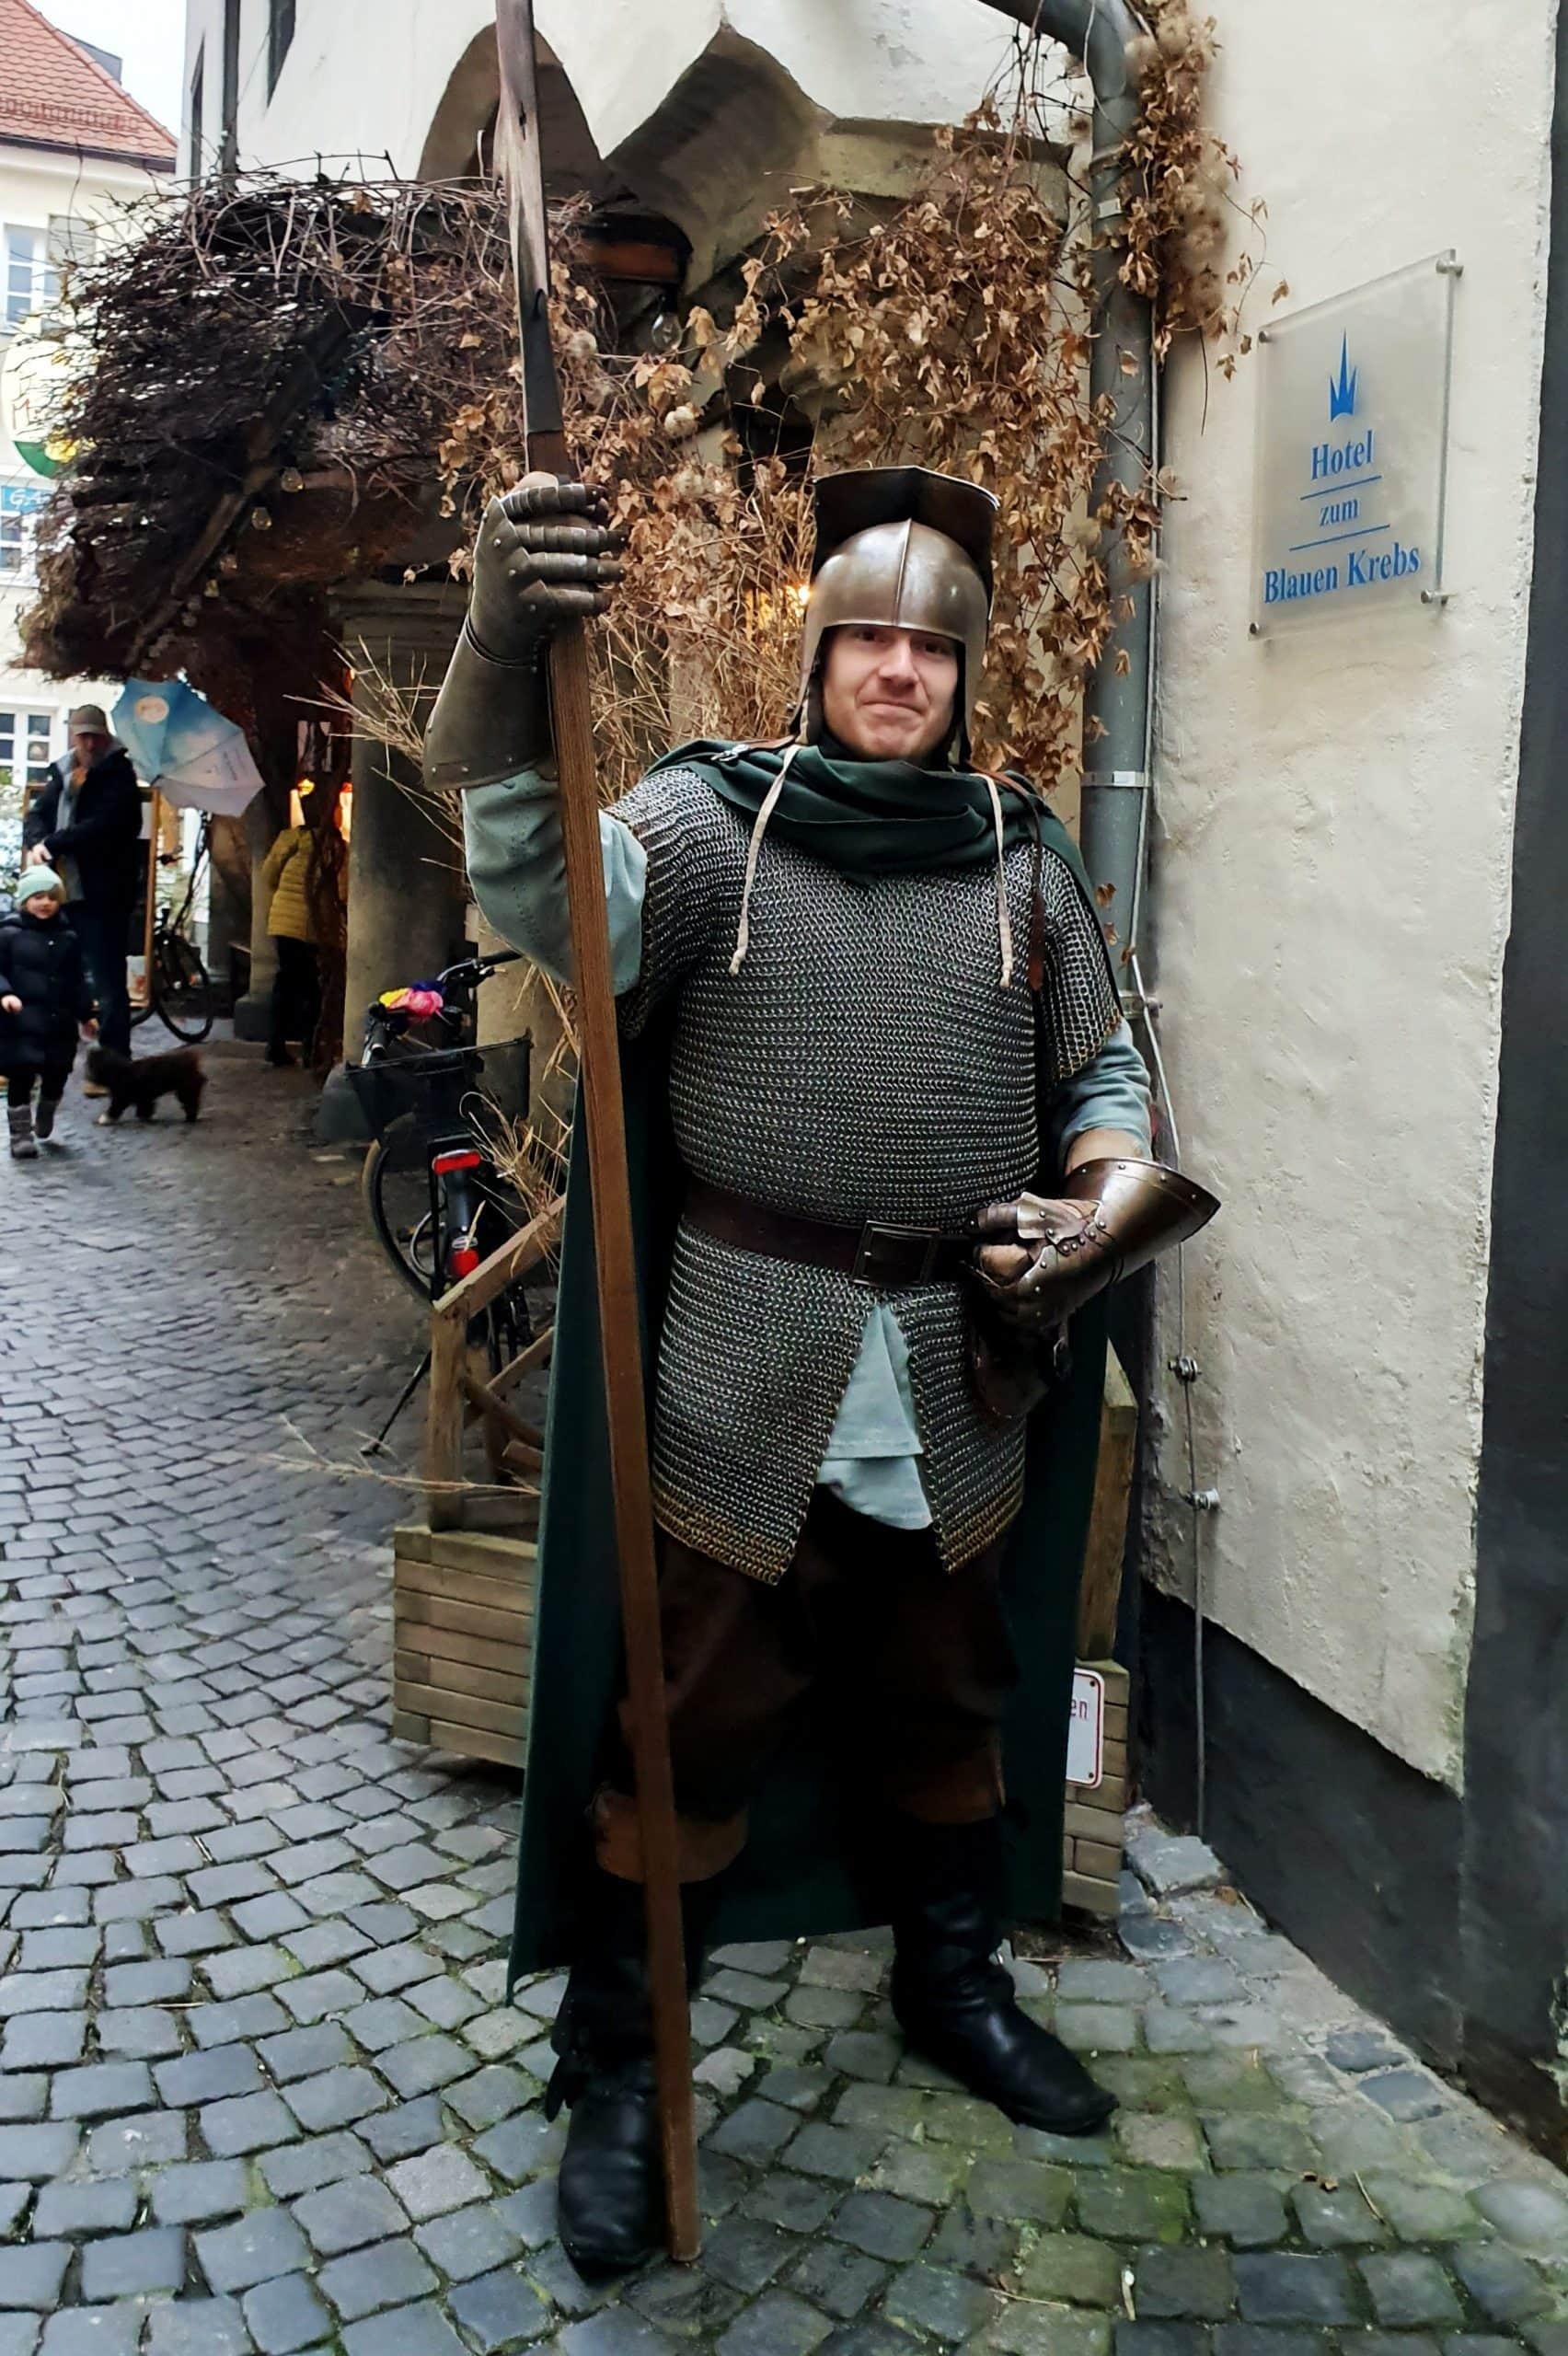 Ein Ritter der Stadtmaus wies Besuchern den Weg zum Hotel Blauer Krebs